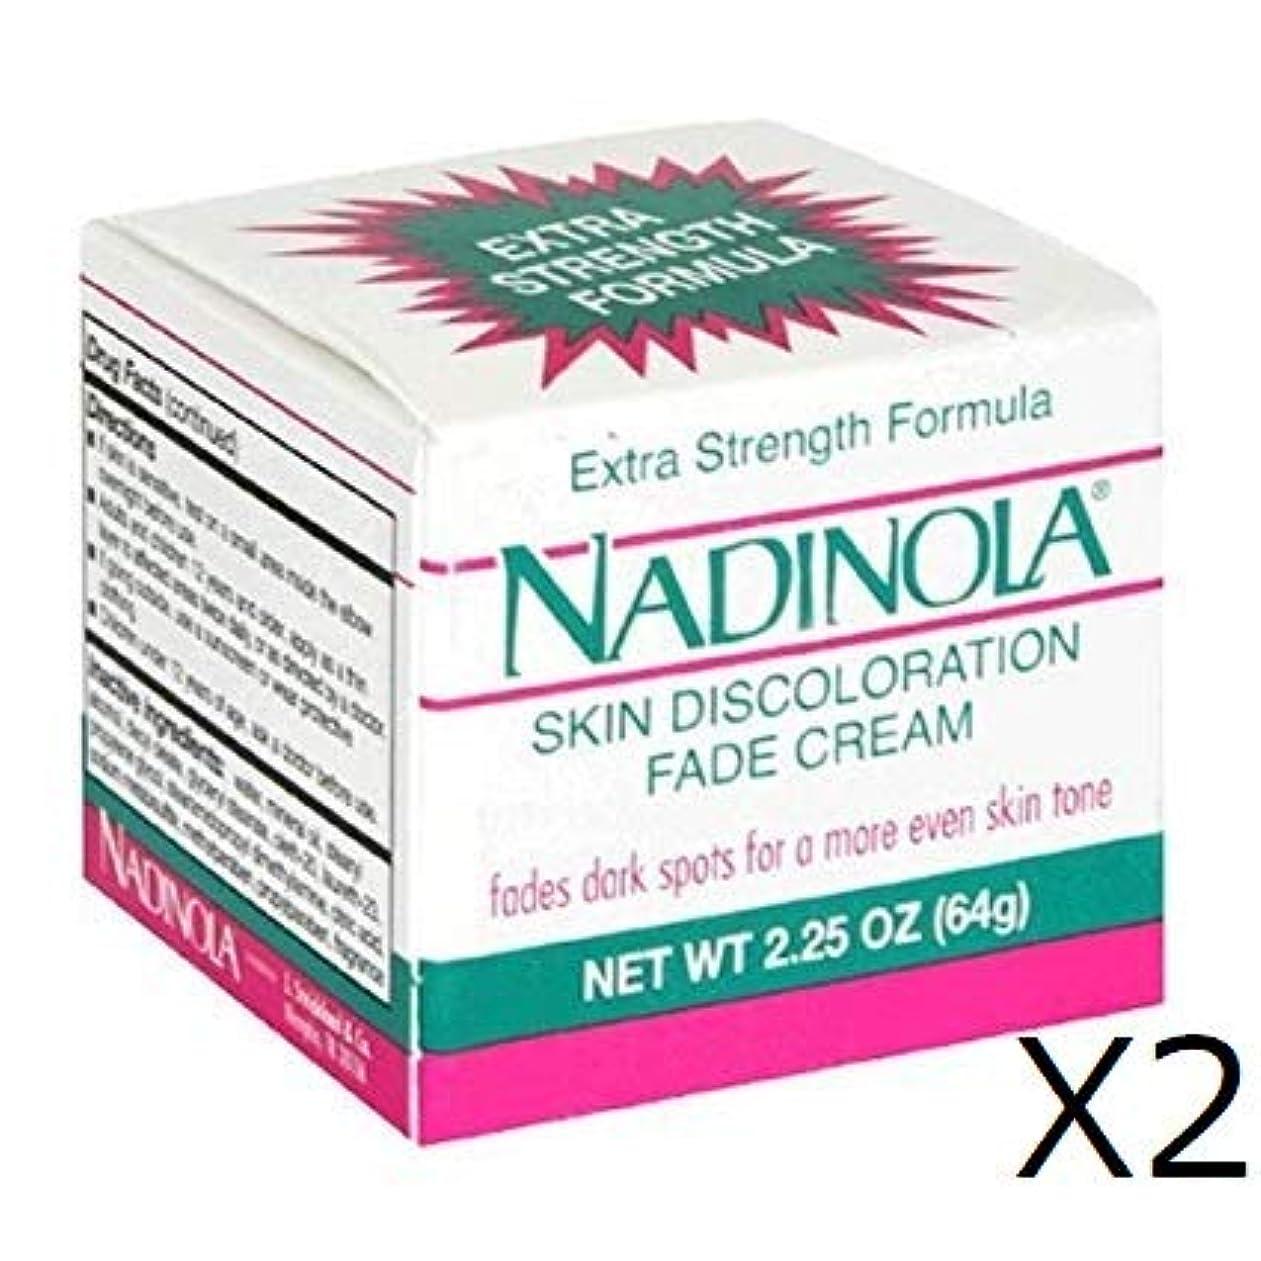 チーズ減るタオルNadinola Discoloration Fade Cream 2.25oz Extra Strength (64gX2個)